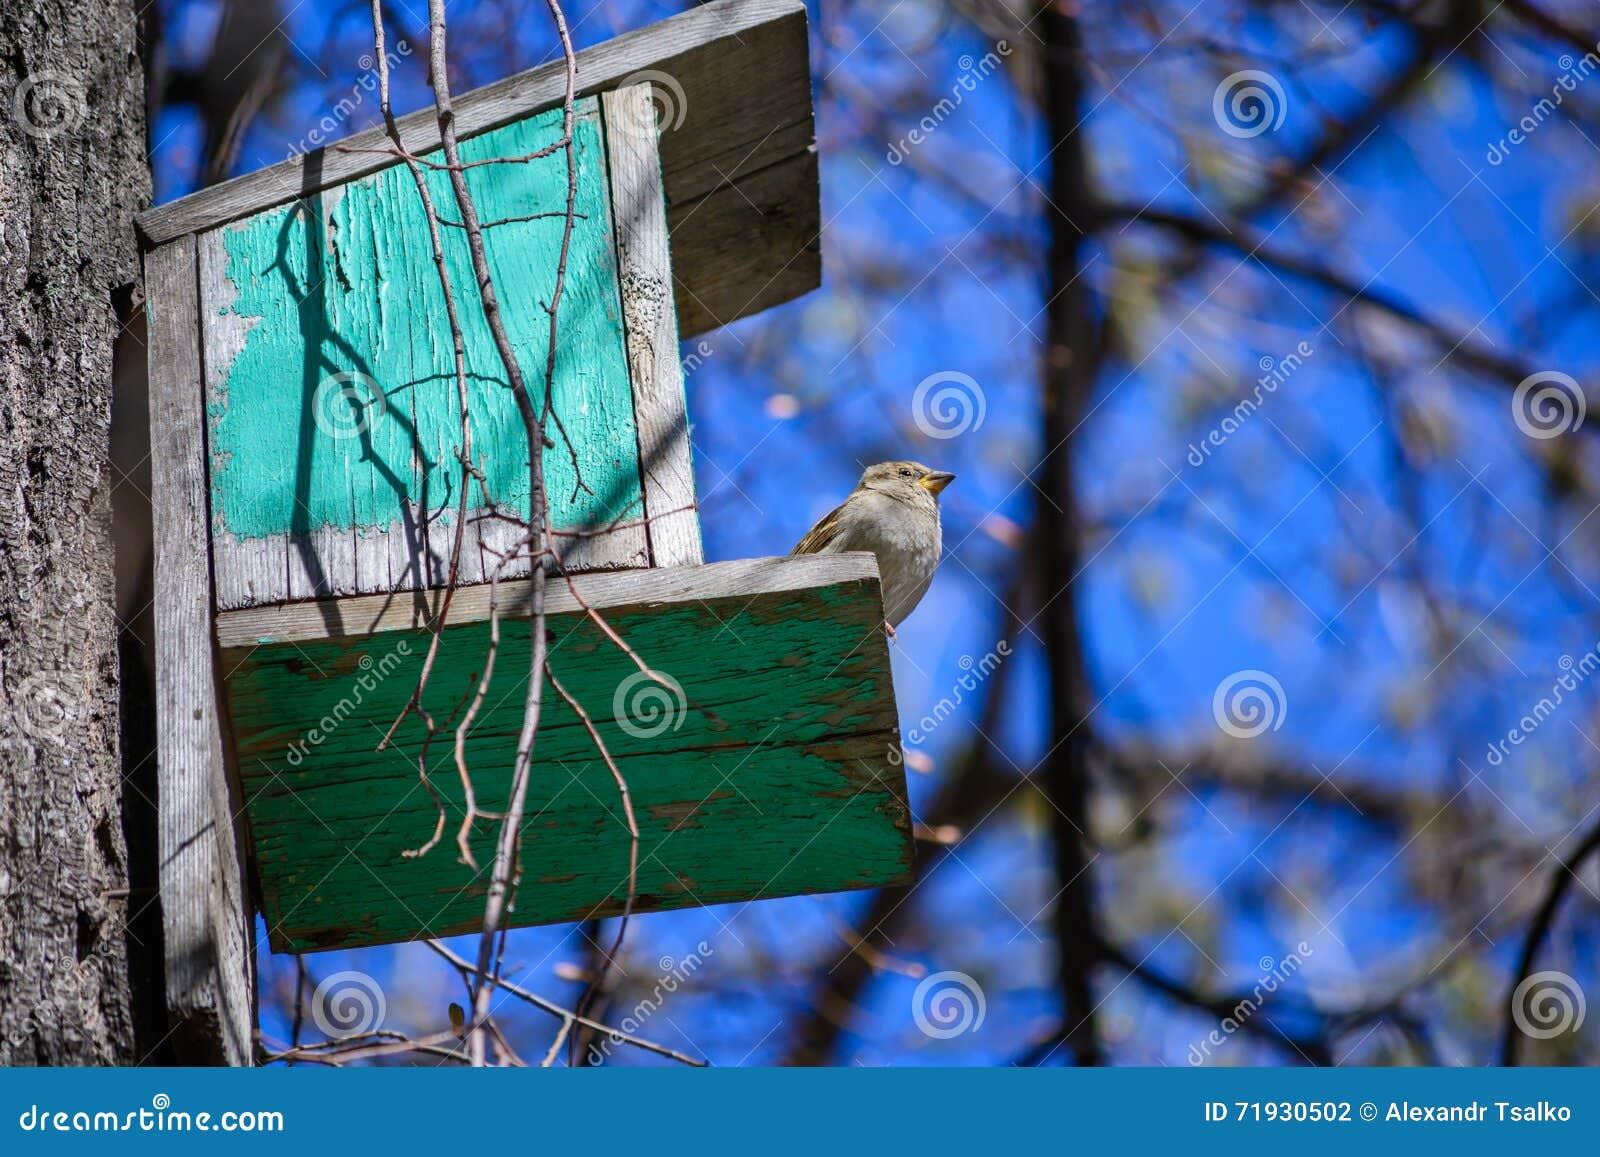 Воробей сидя на дереве в кормушке